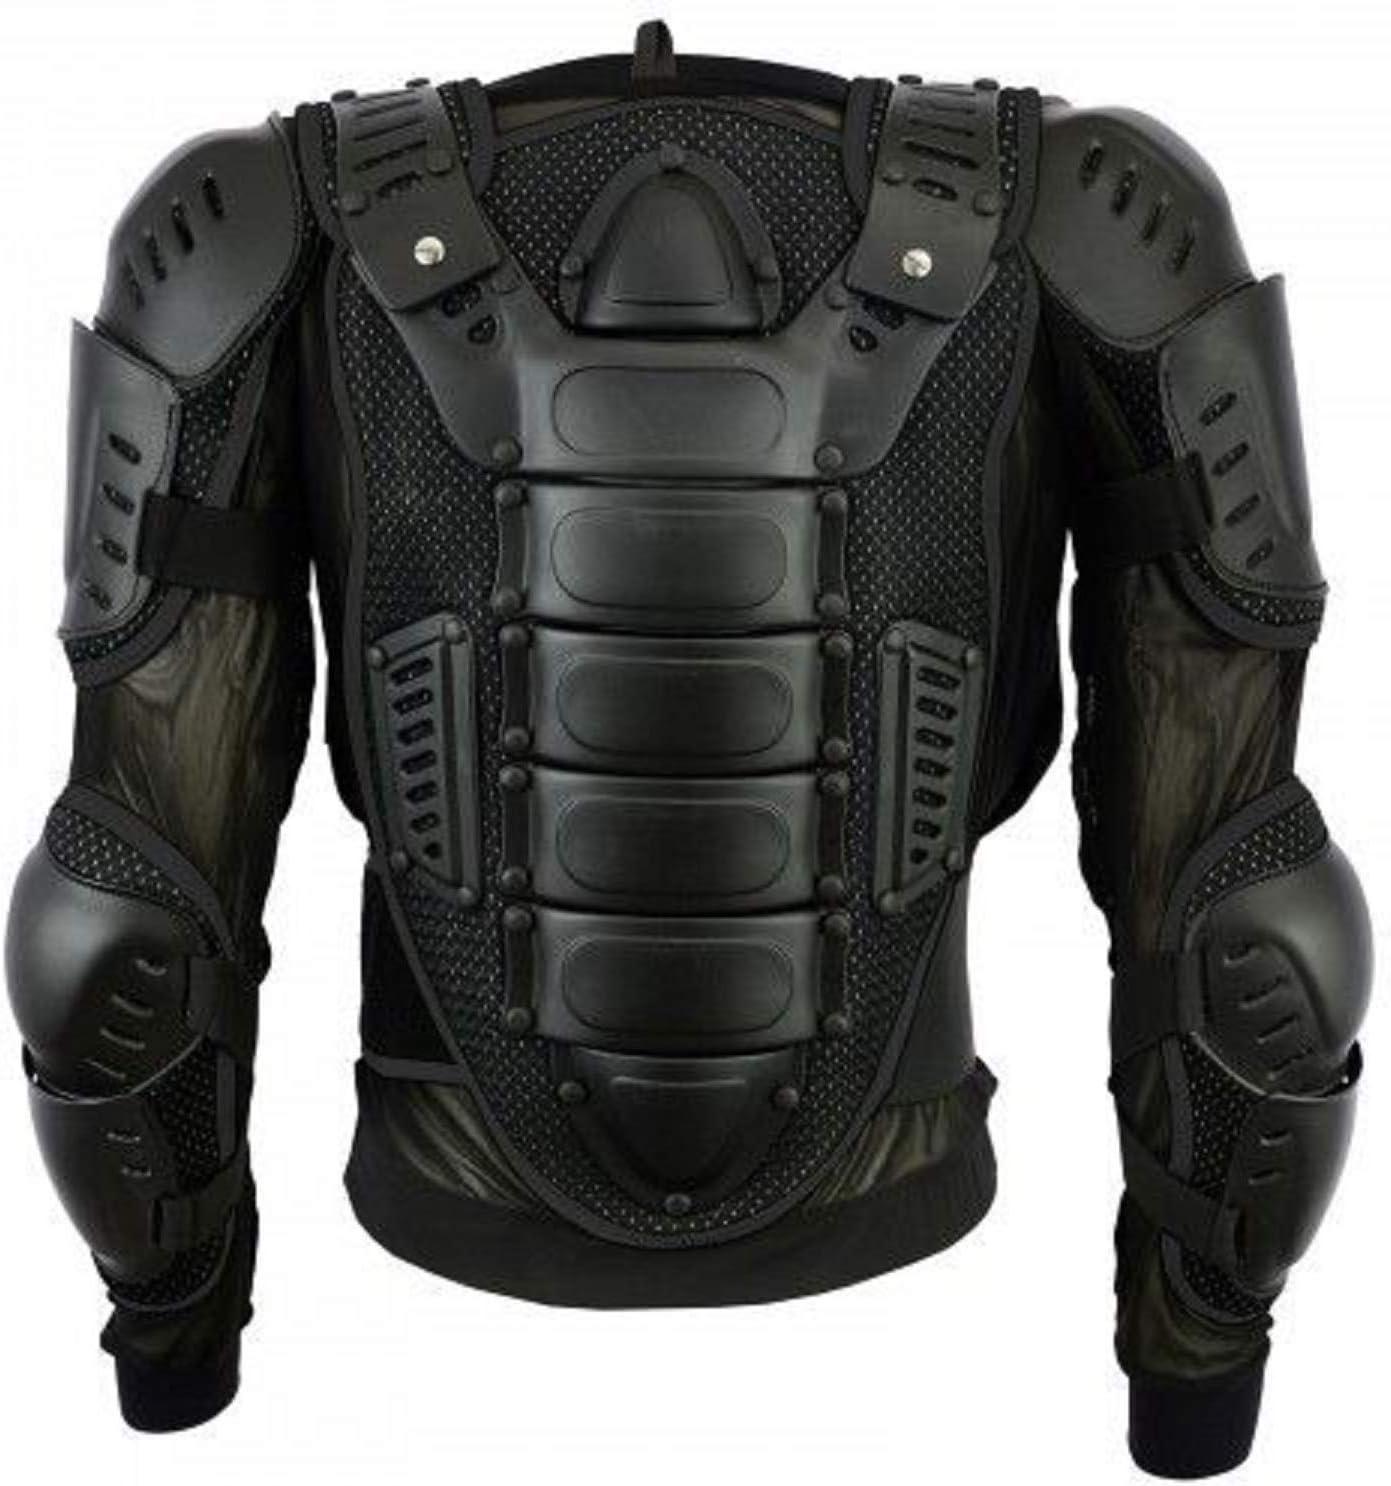 REXTEK Canottiera Body Armours motocicletta approvato da petto spalla della guardia Protector armature dorso della giacca